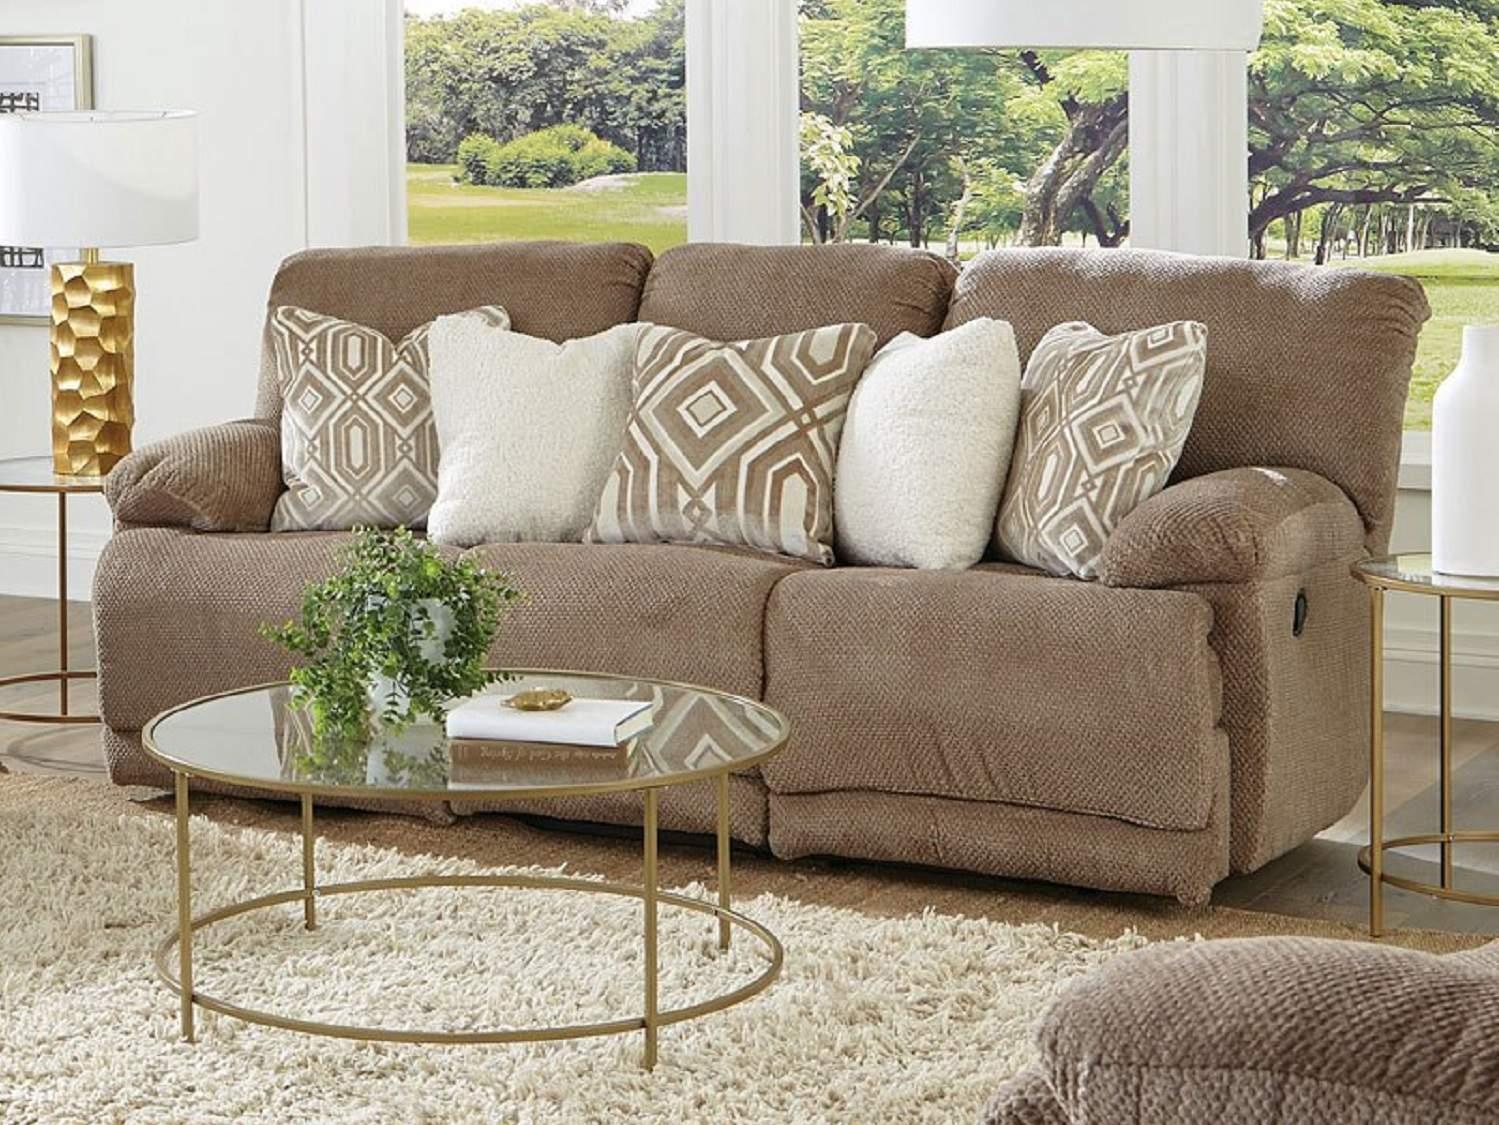 MILLY Reclining Sofa